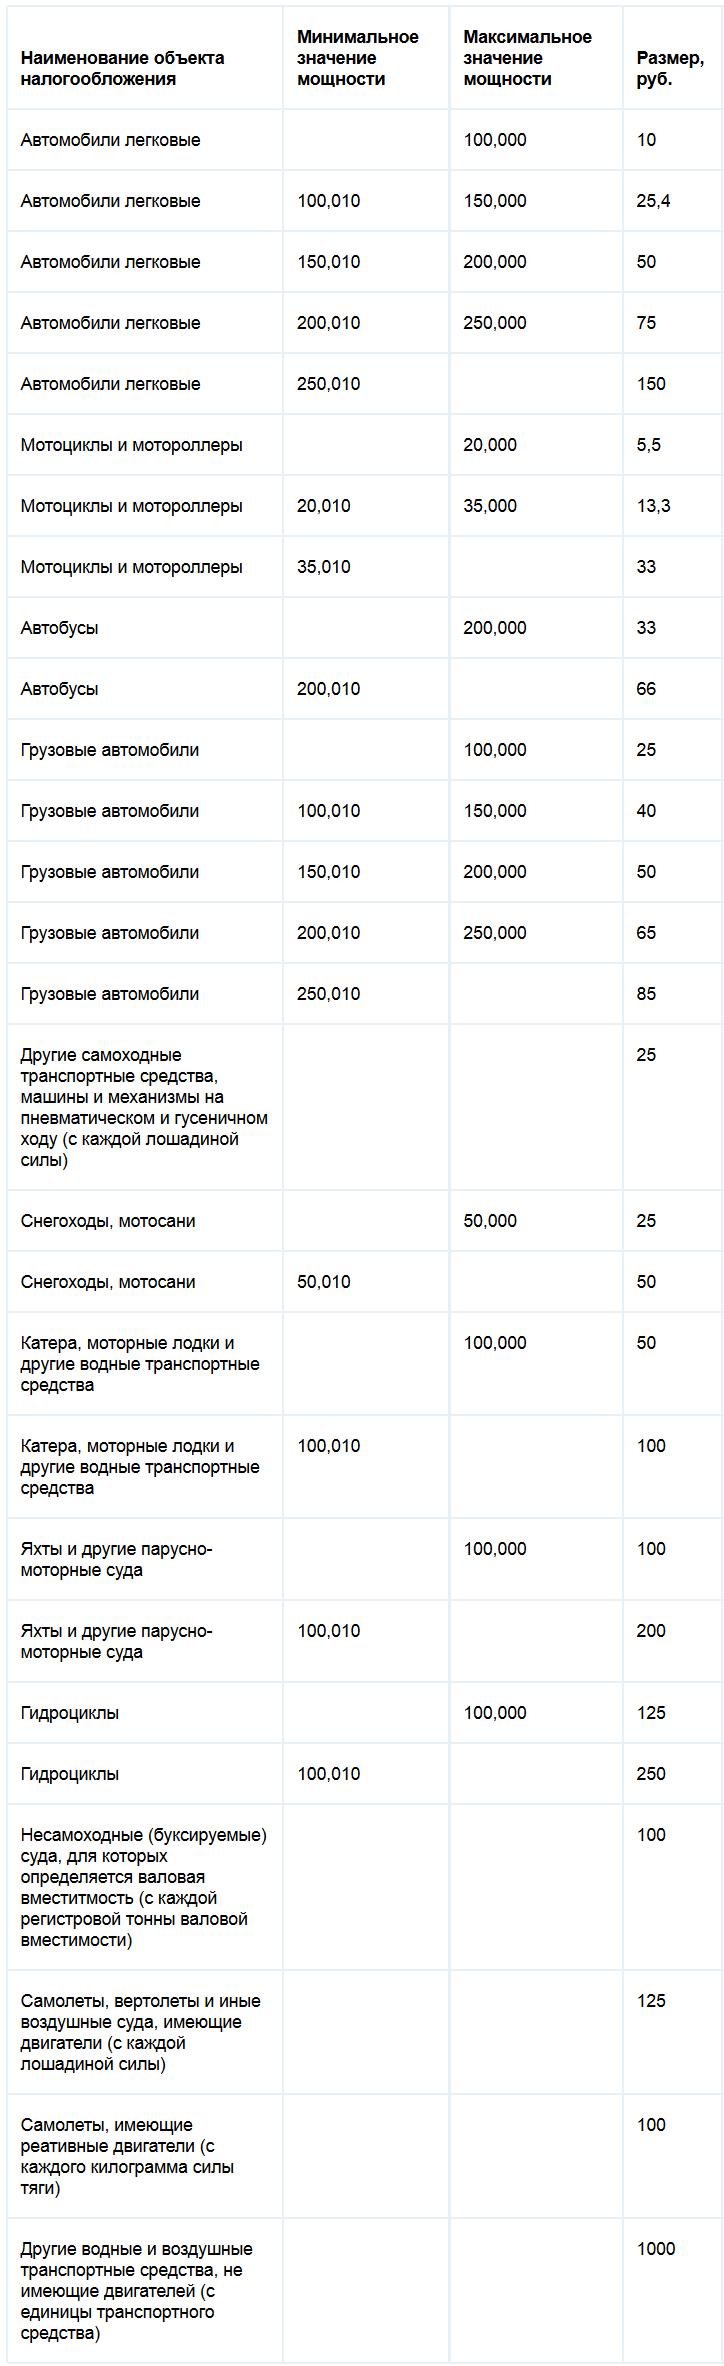 Ставки транспортного налога Тульской области